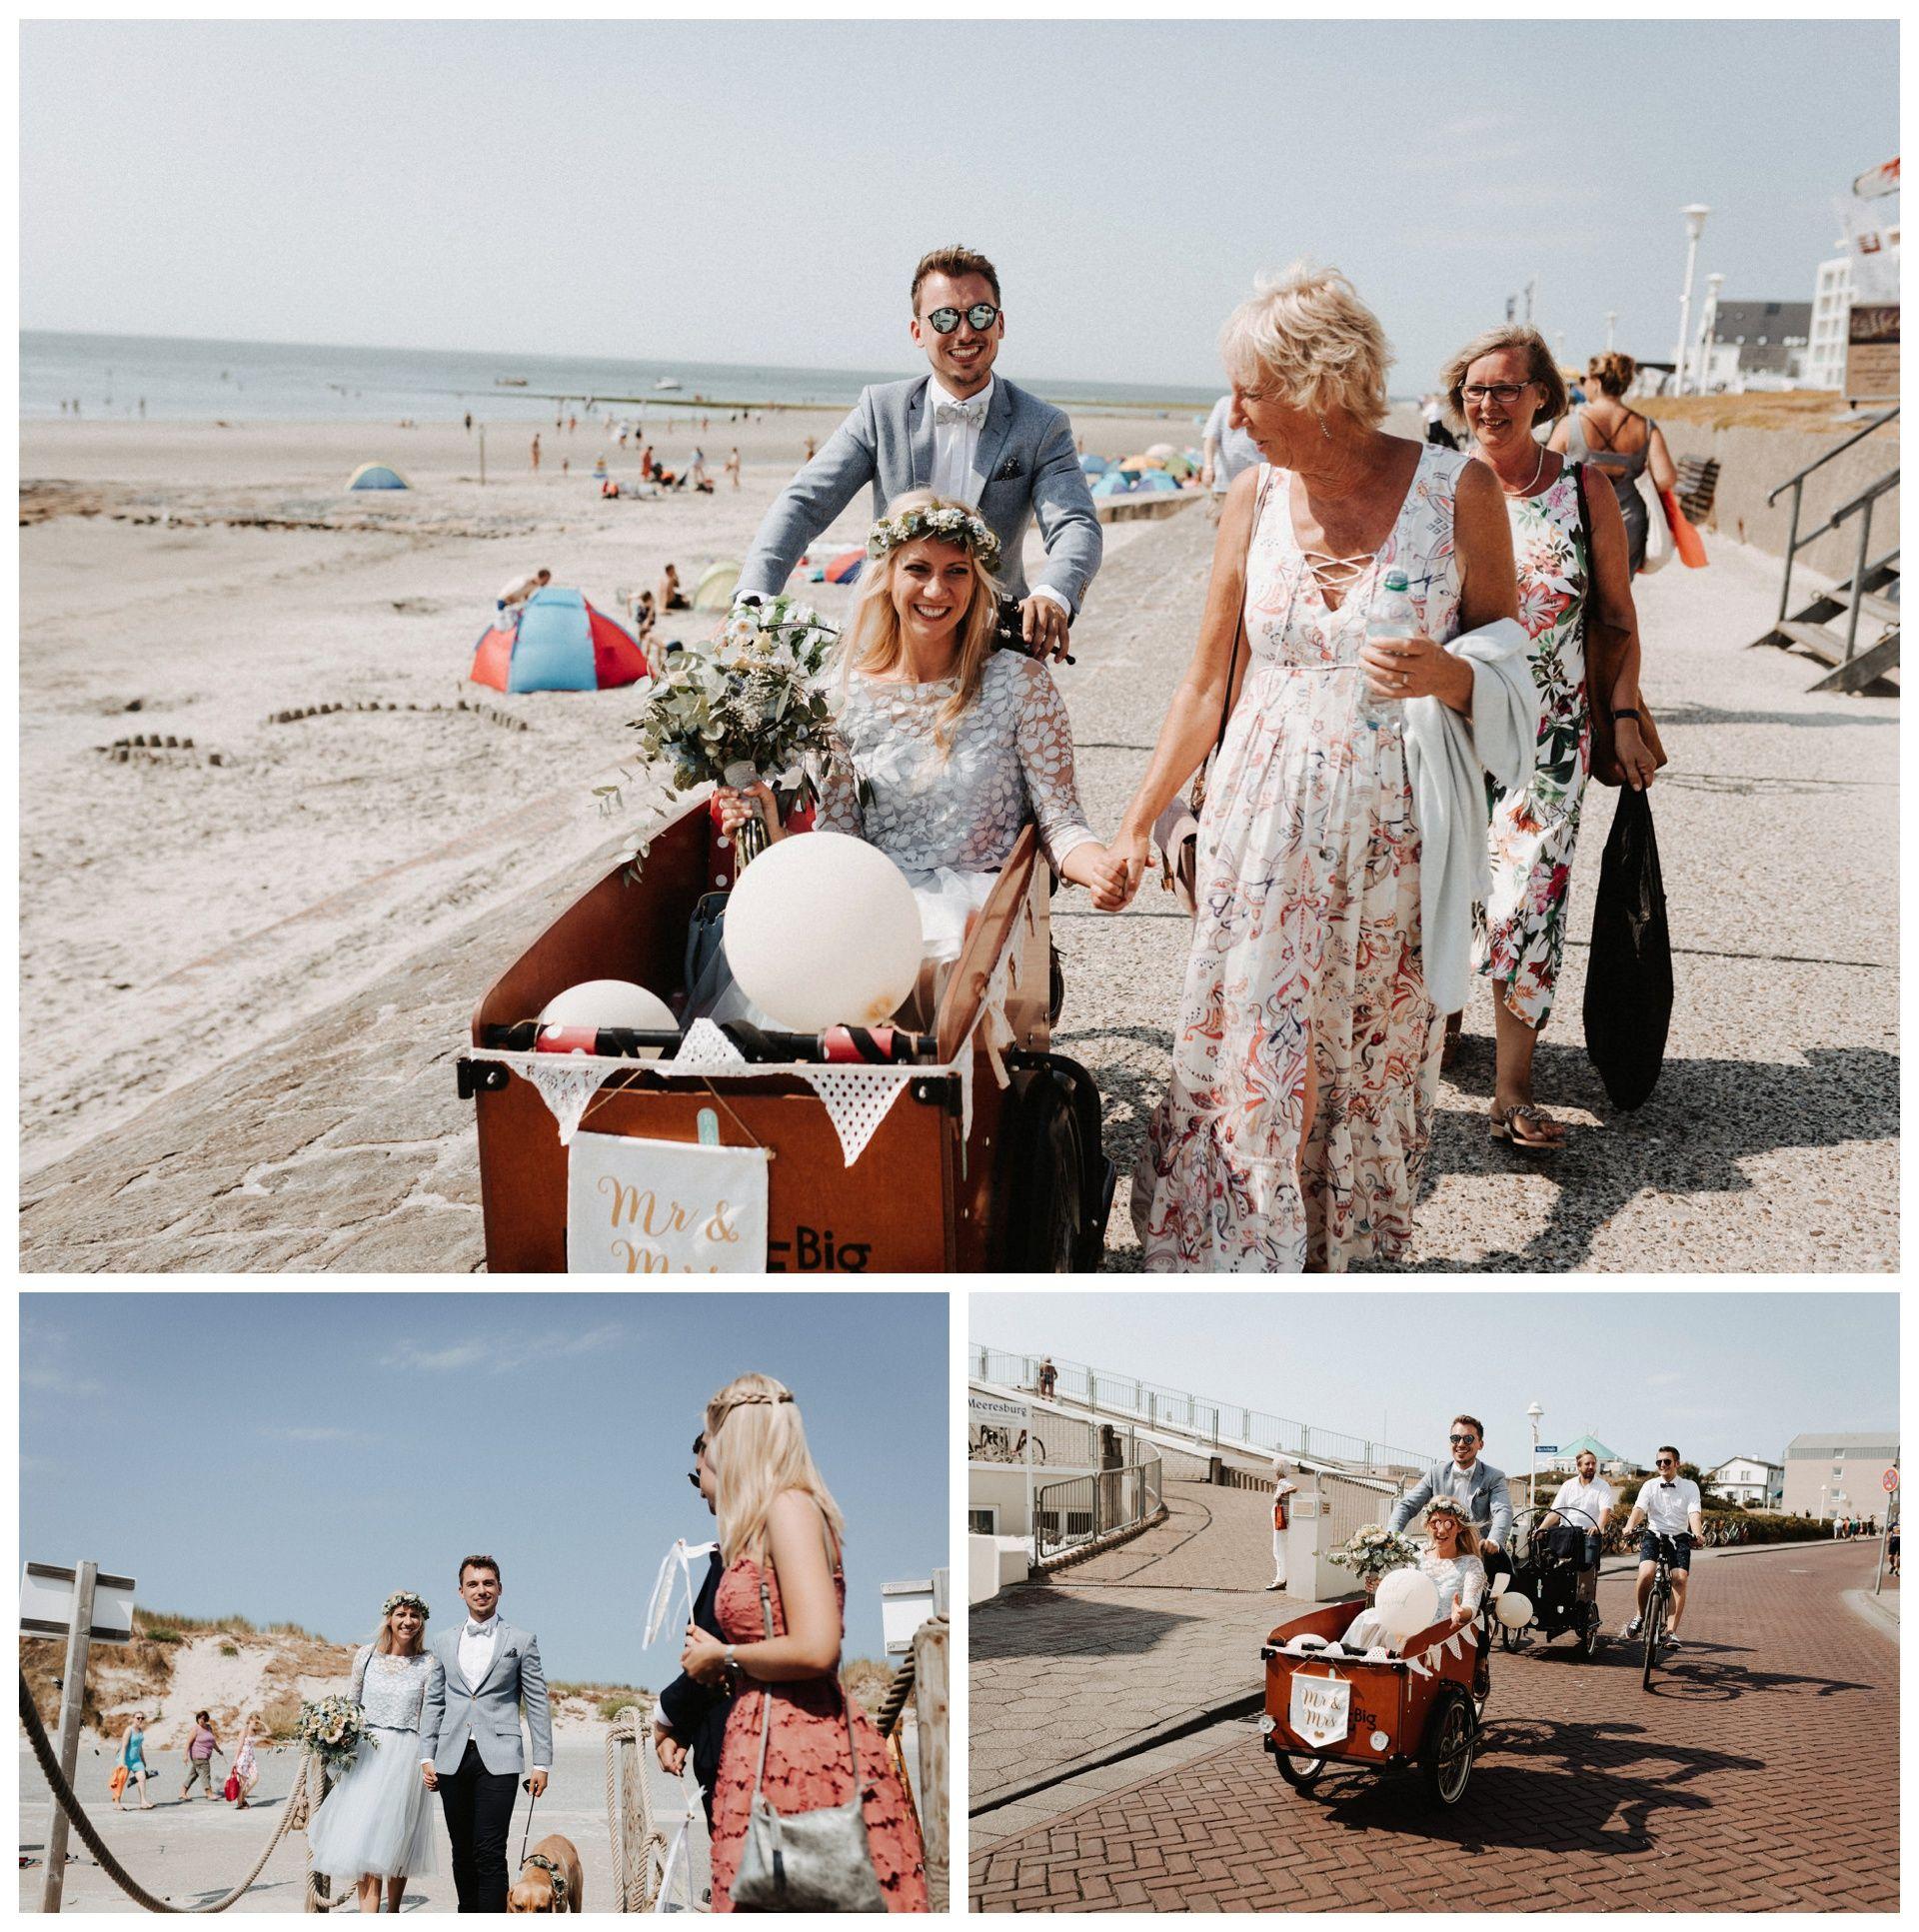 Eva Und Justusnorderney Liebe Neysplace Meer Strand Hochzeitsfotograf Norderney Hochzeitsfotograf Hochzeit Hochzeit Zeremonie